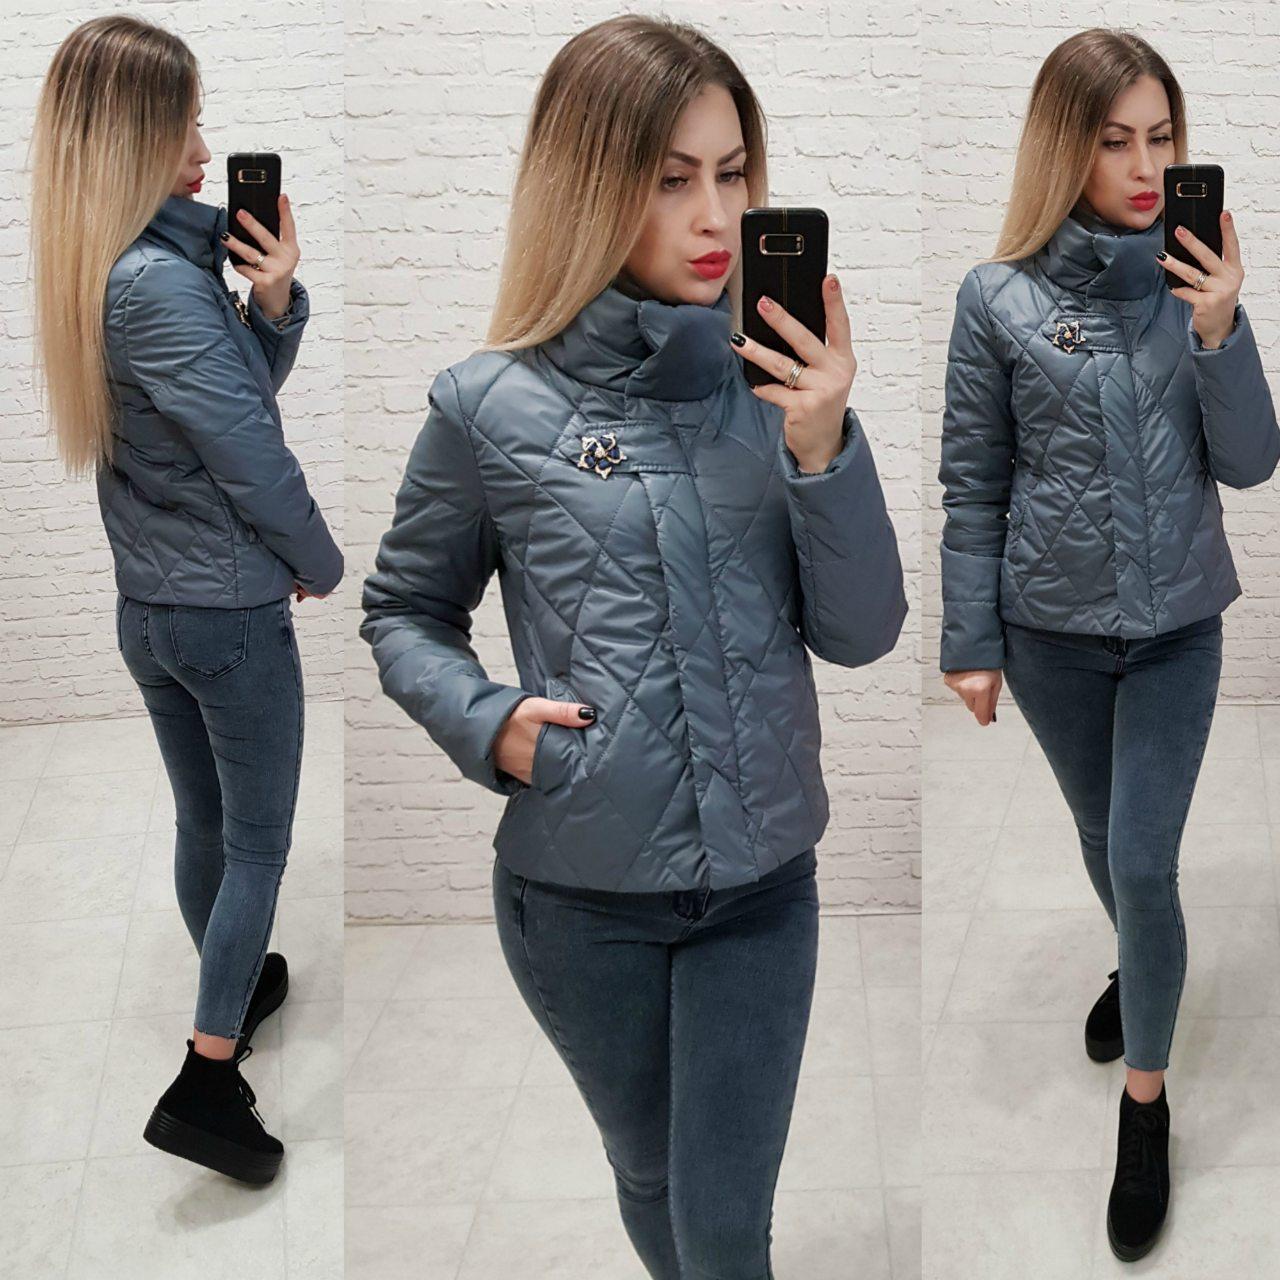 Демисезонная куртка 2019 ,арт. 502, цвет серый